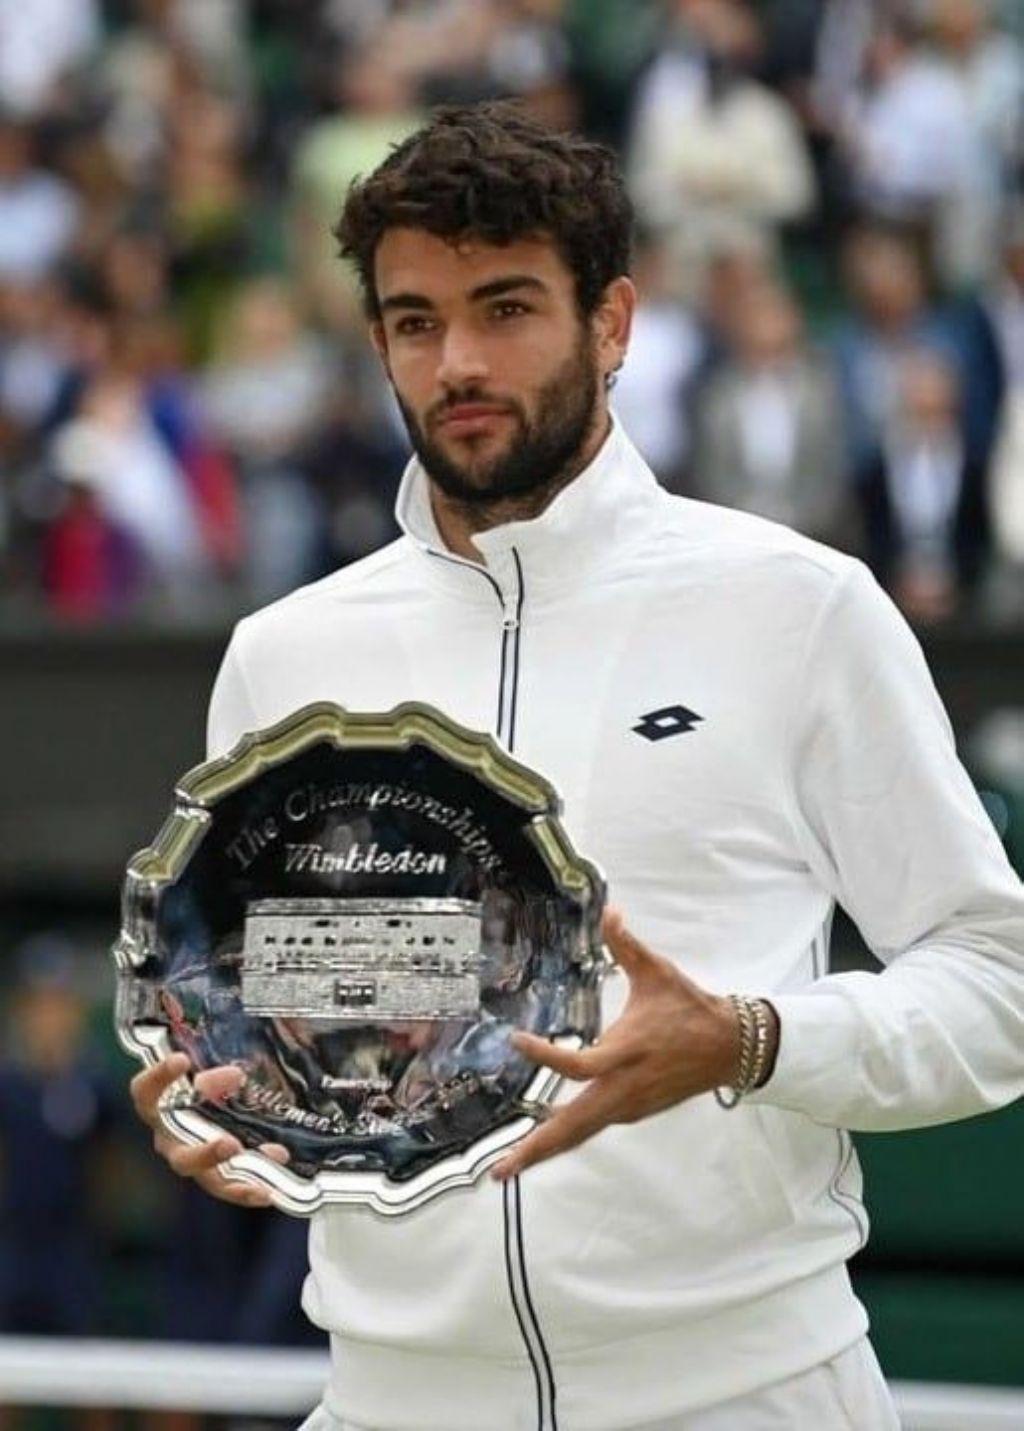 Matteo Berrettini - Campione di oggi - Campione di domani... (foto web)